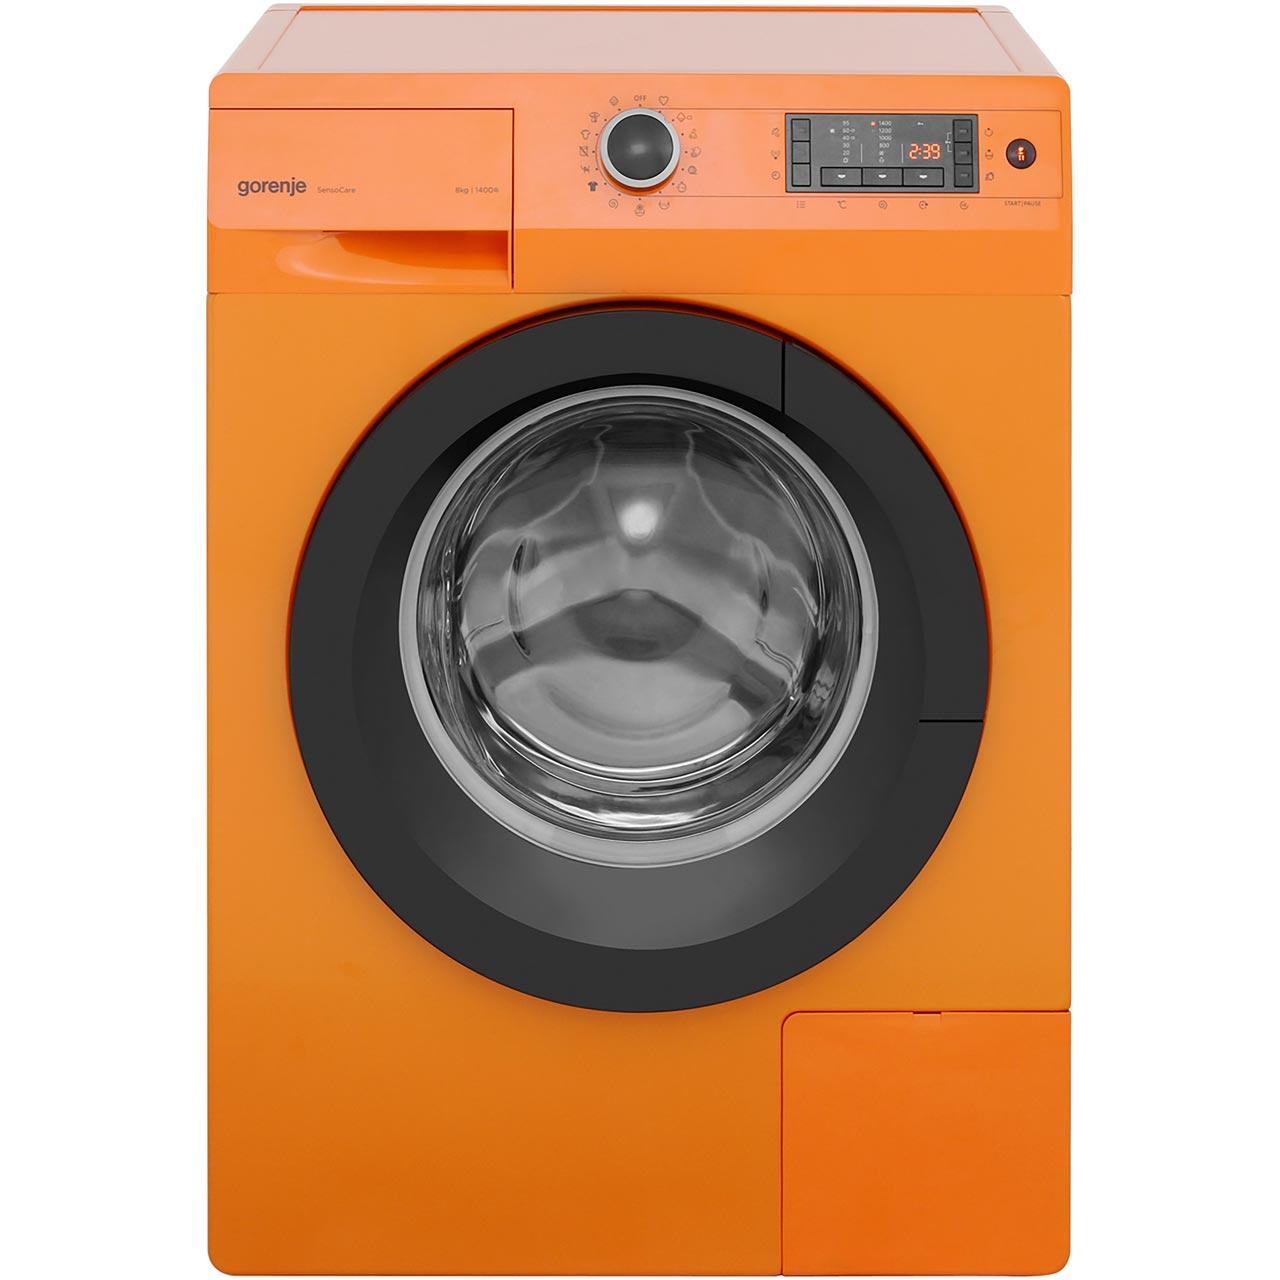 Boots kitchen appliances washing machines fridges more - Machine a orange pressee ...